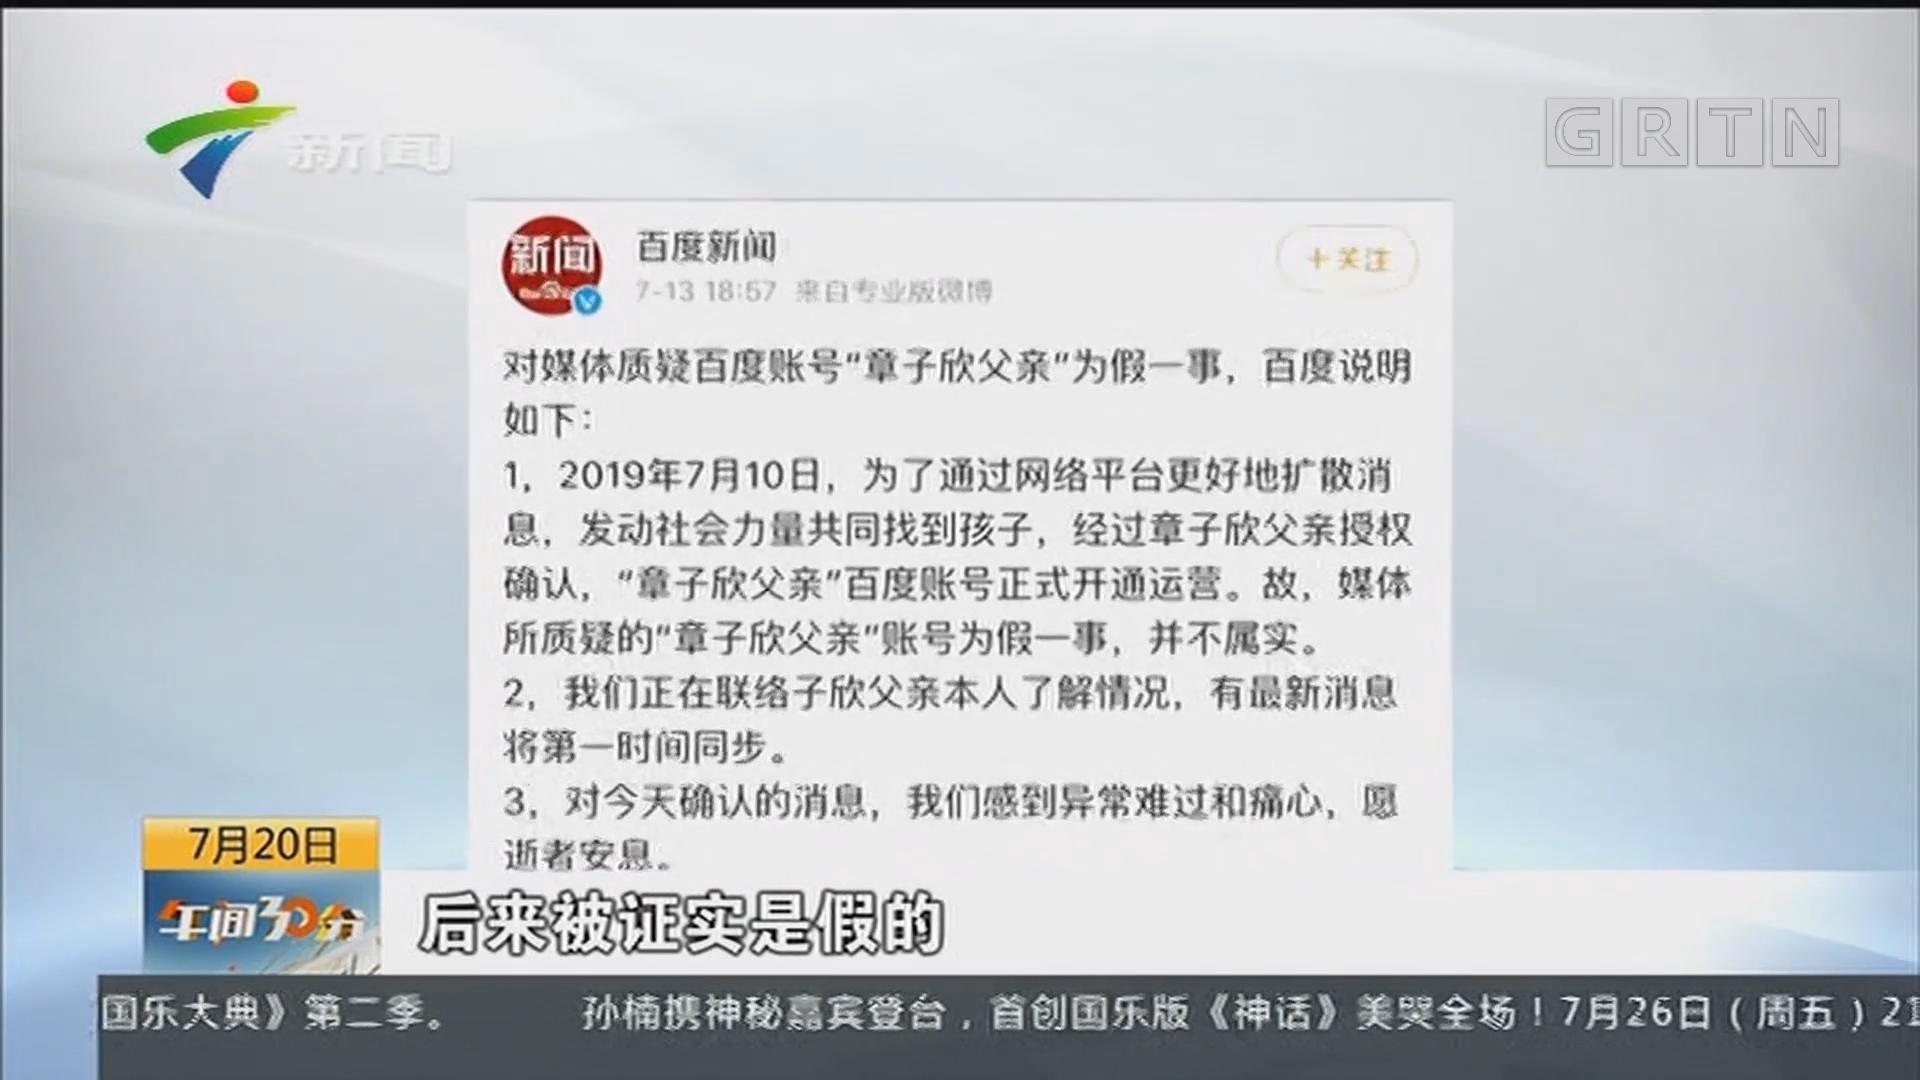 记者调查:网传章子欣案假消息引发二次伤害